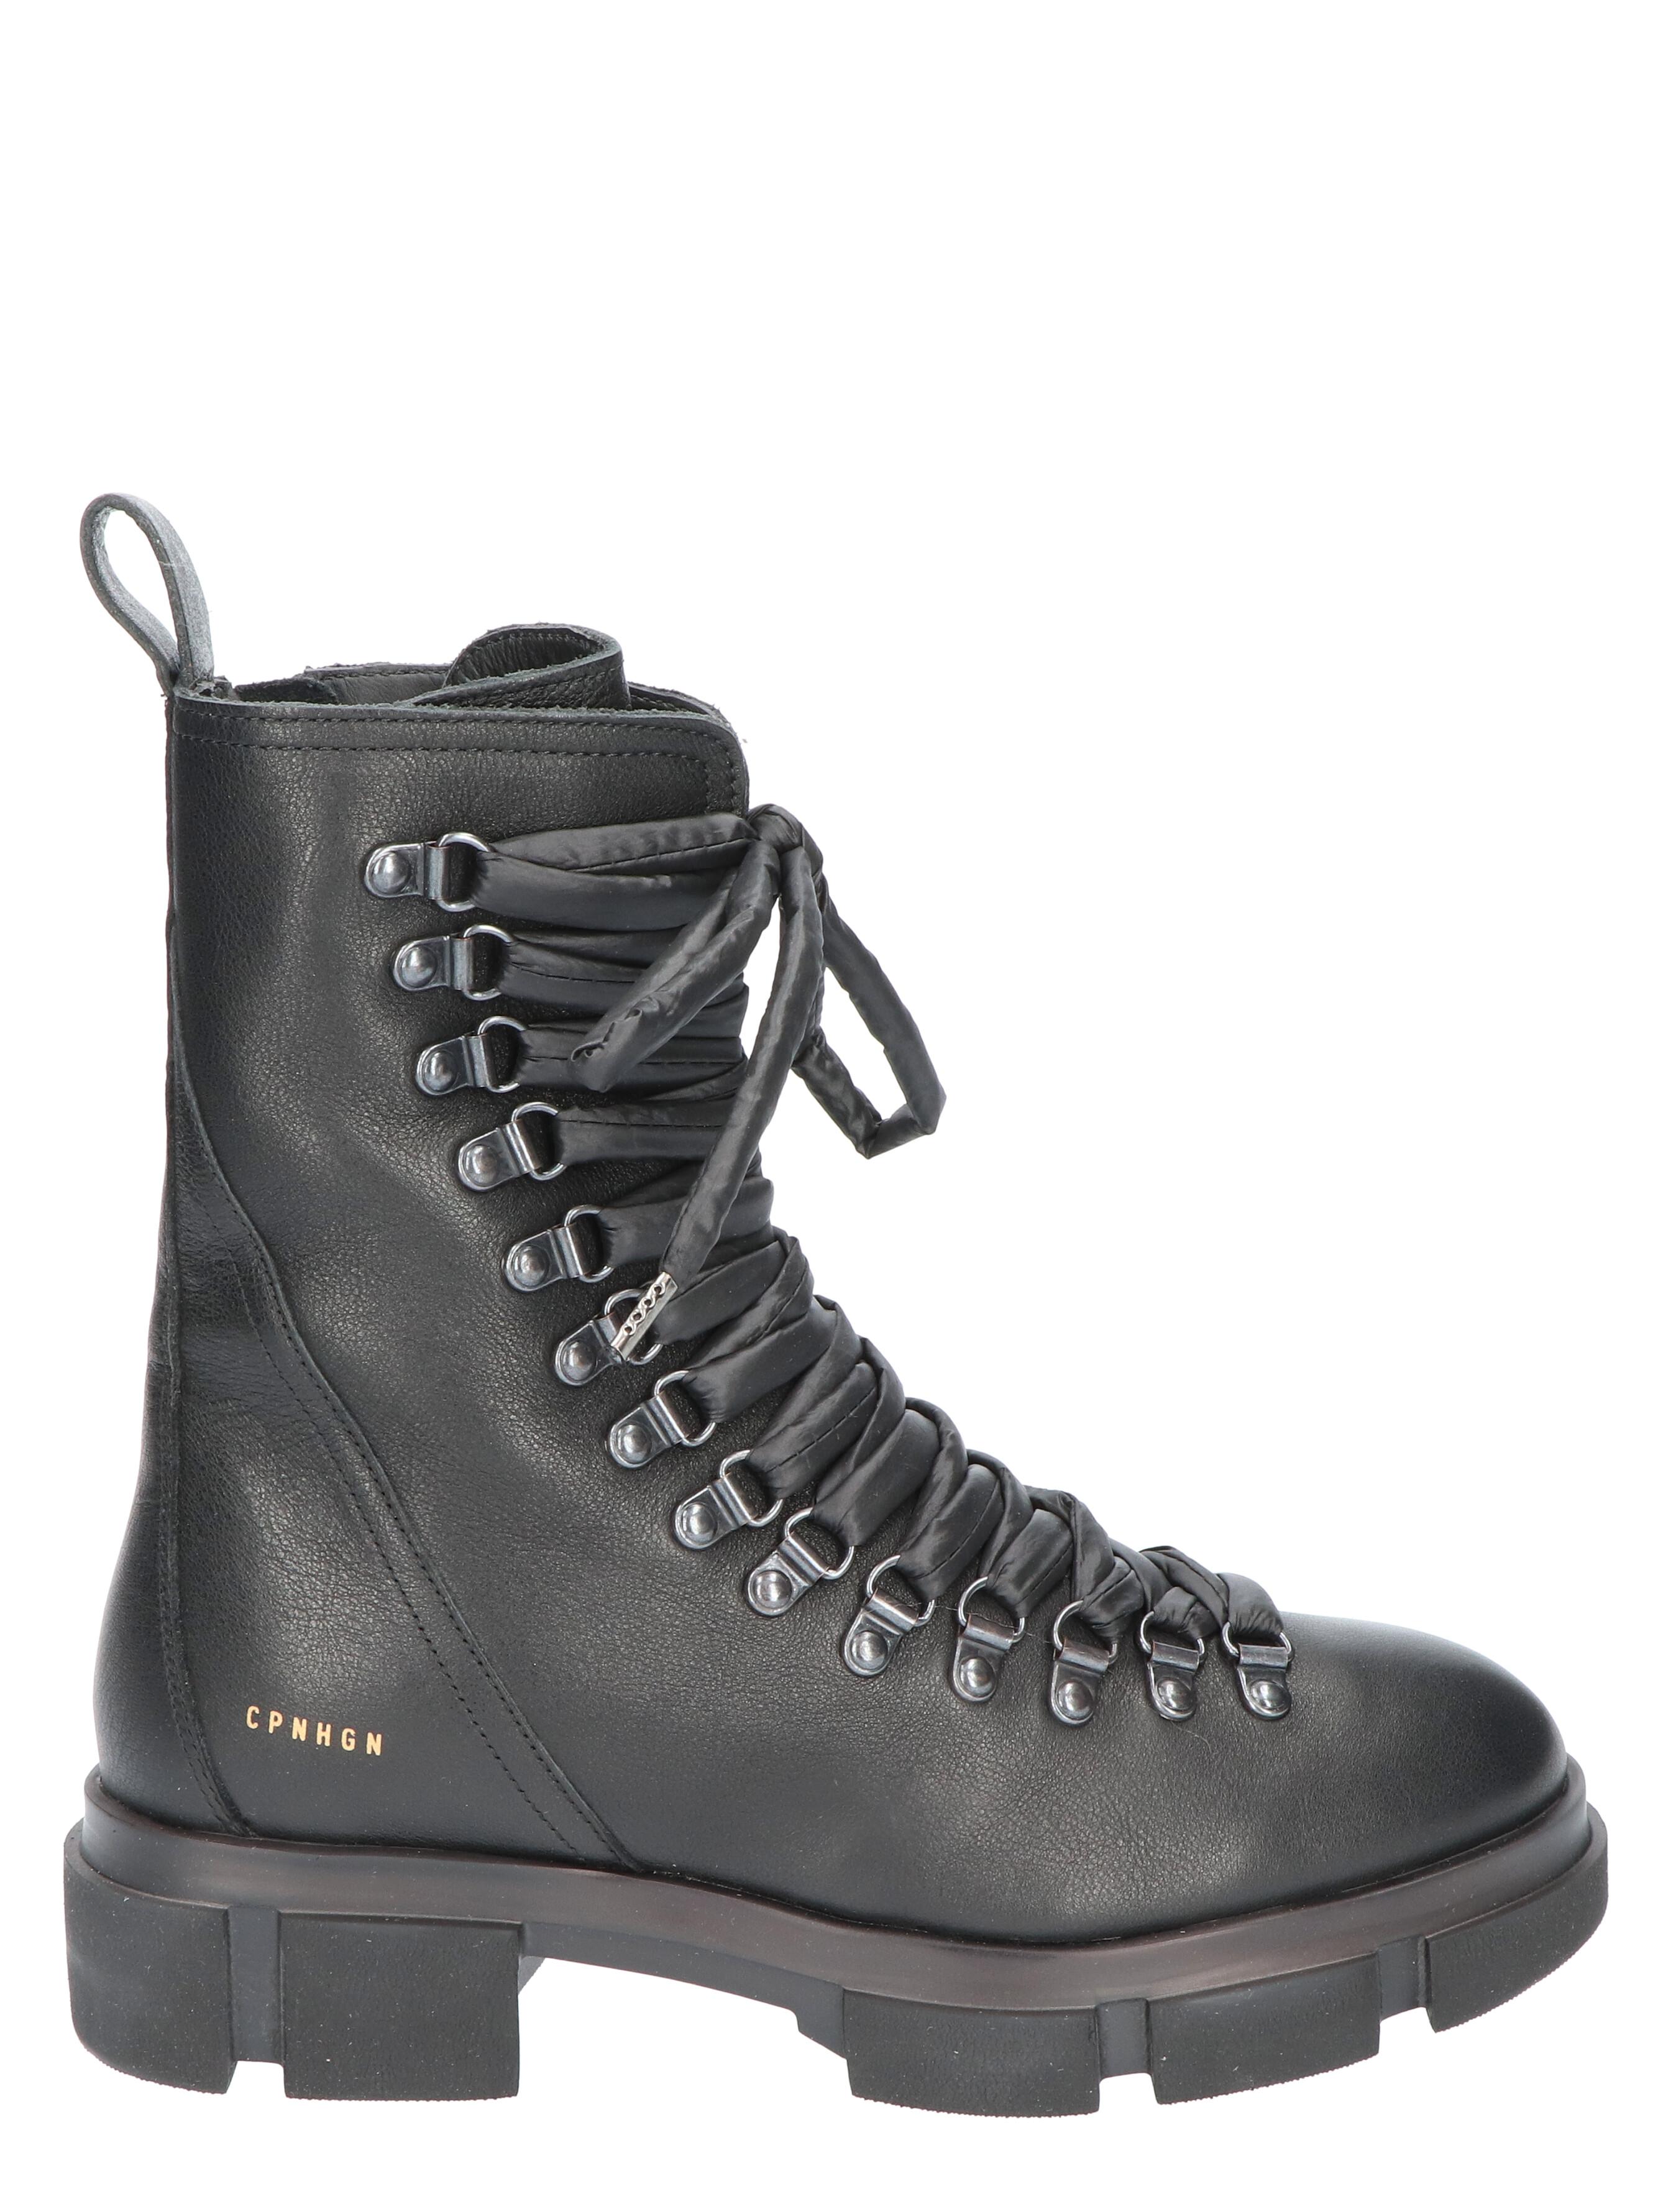 Copenhagen CPH 559 Vitello Black Biker boots